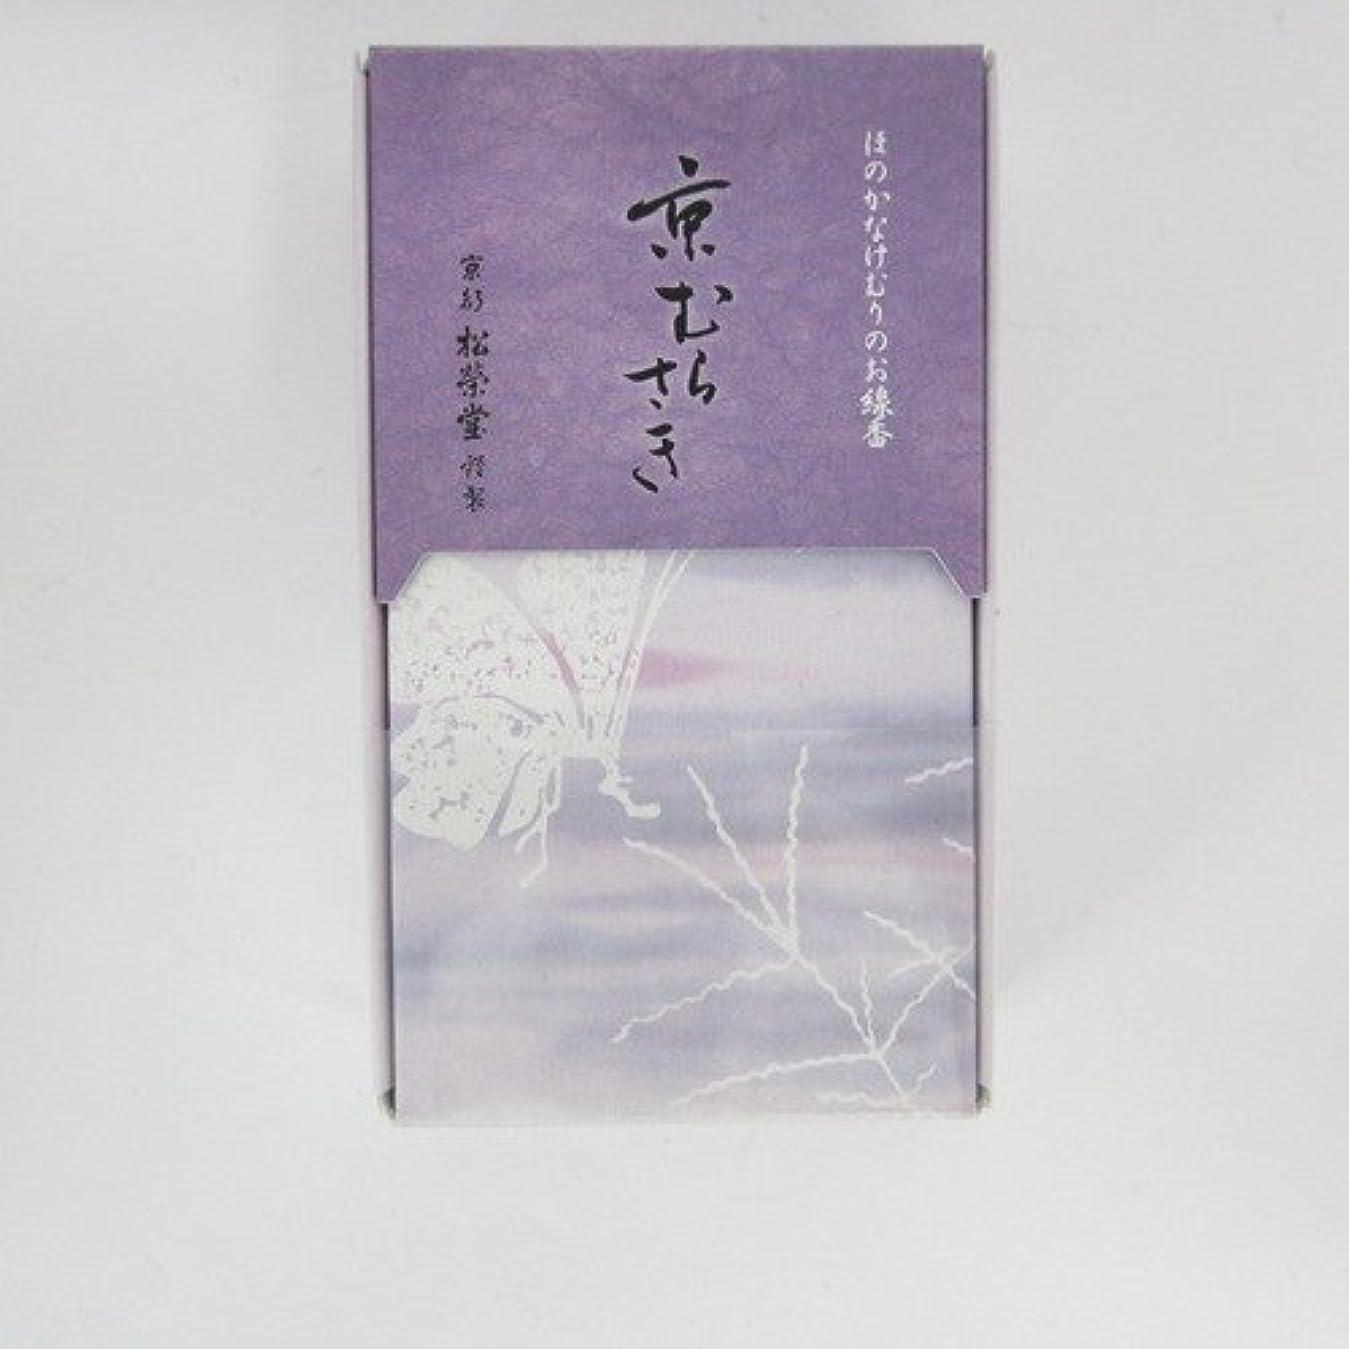 魅力的であることへのアピールマキシムテーブルを設定する松栄堂 玉響シリーズ 京むらさき 45g